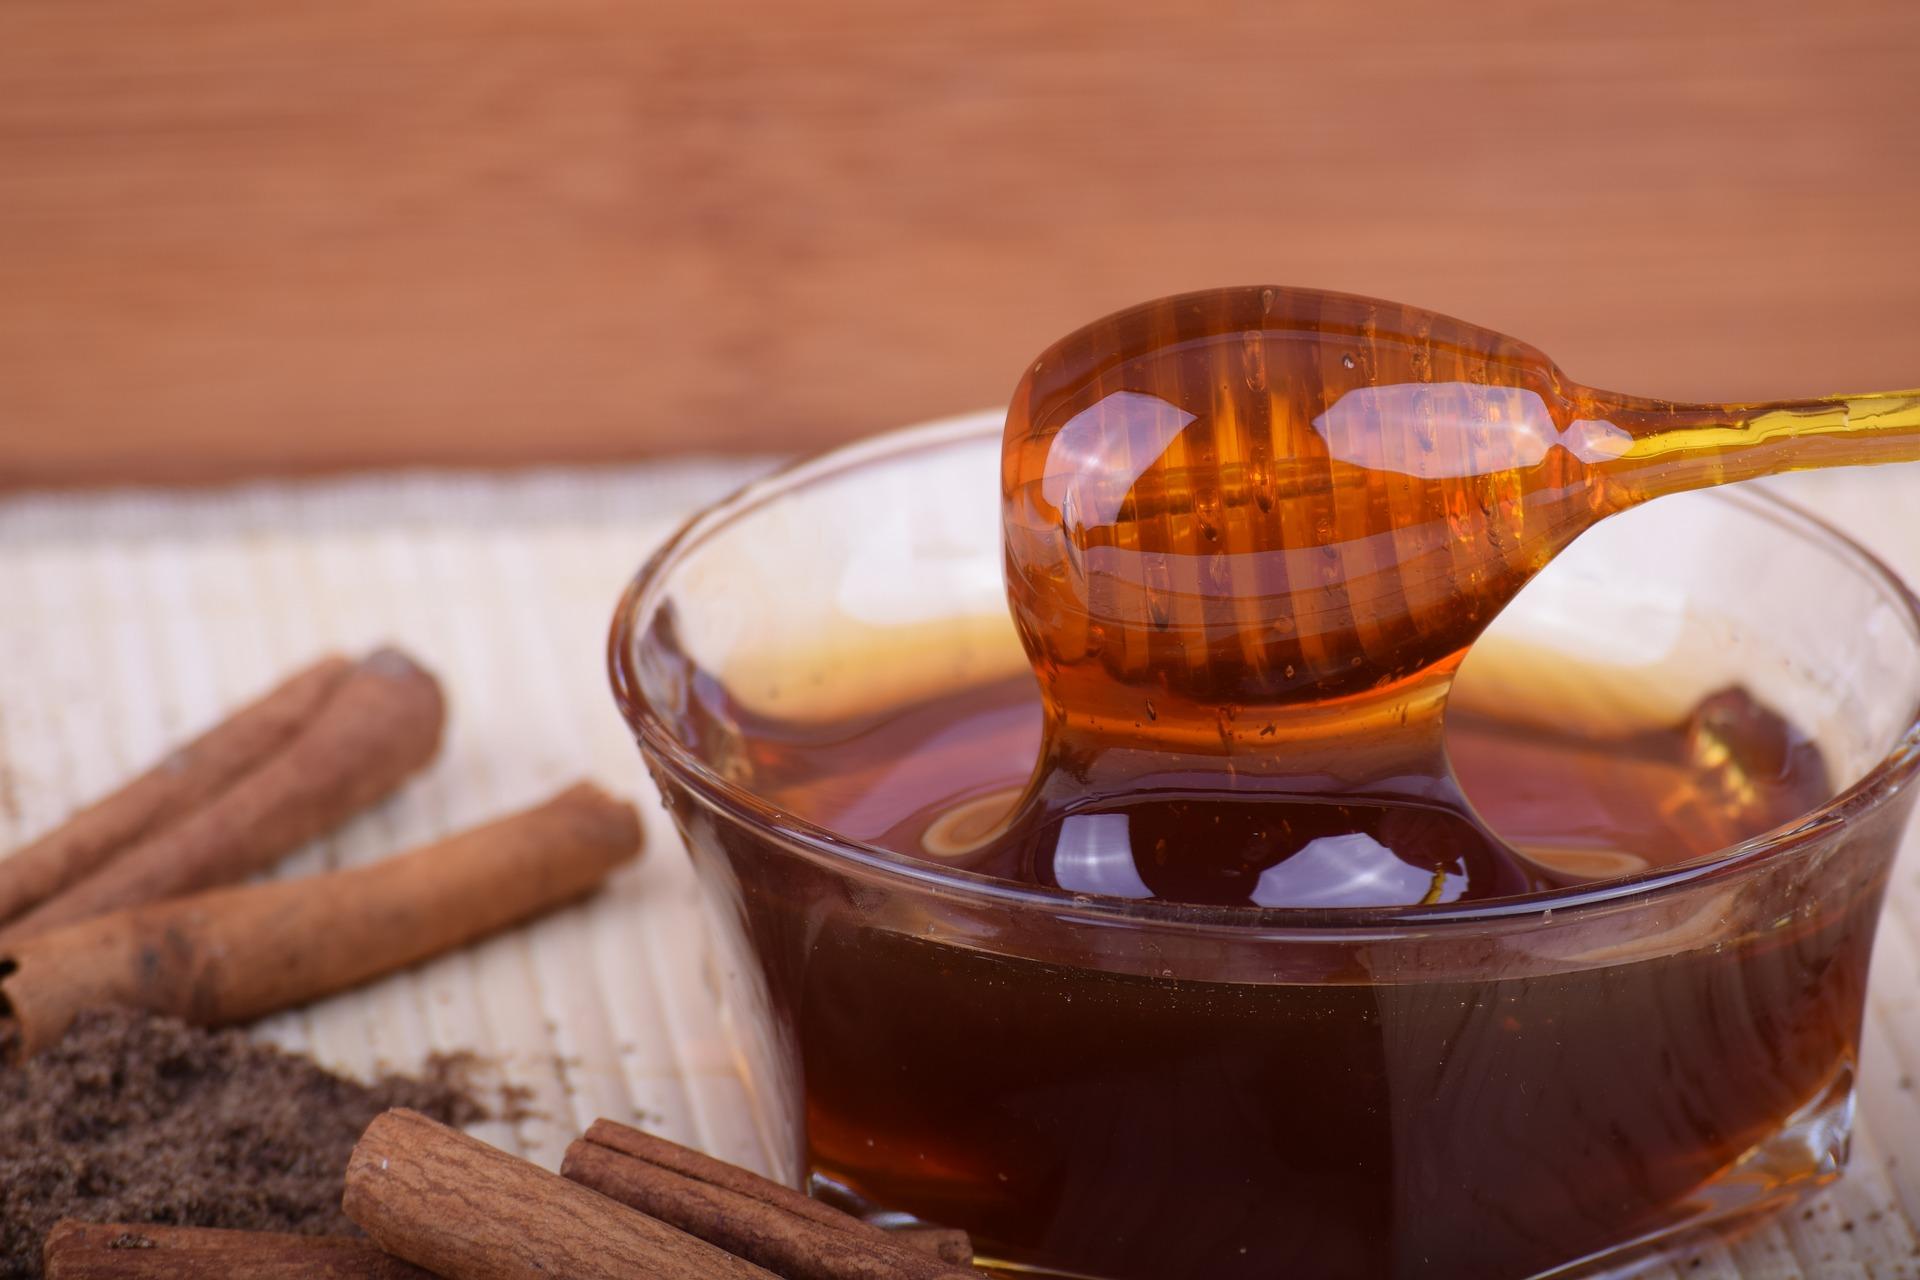 мед целебное вещество для красоты и здоровья